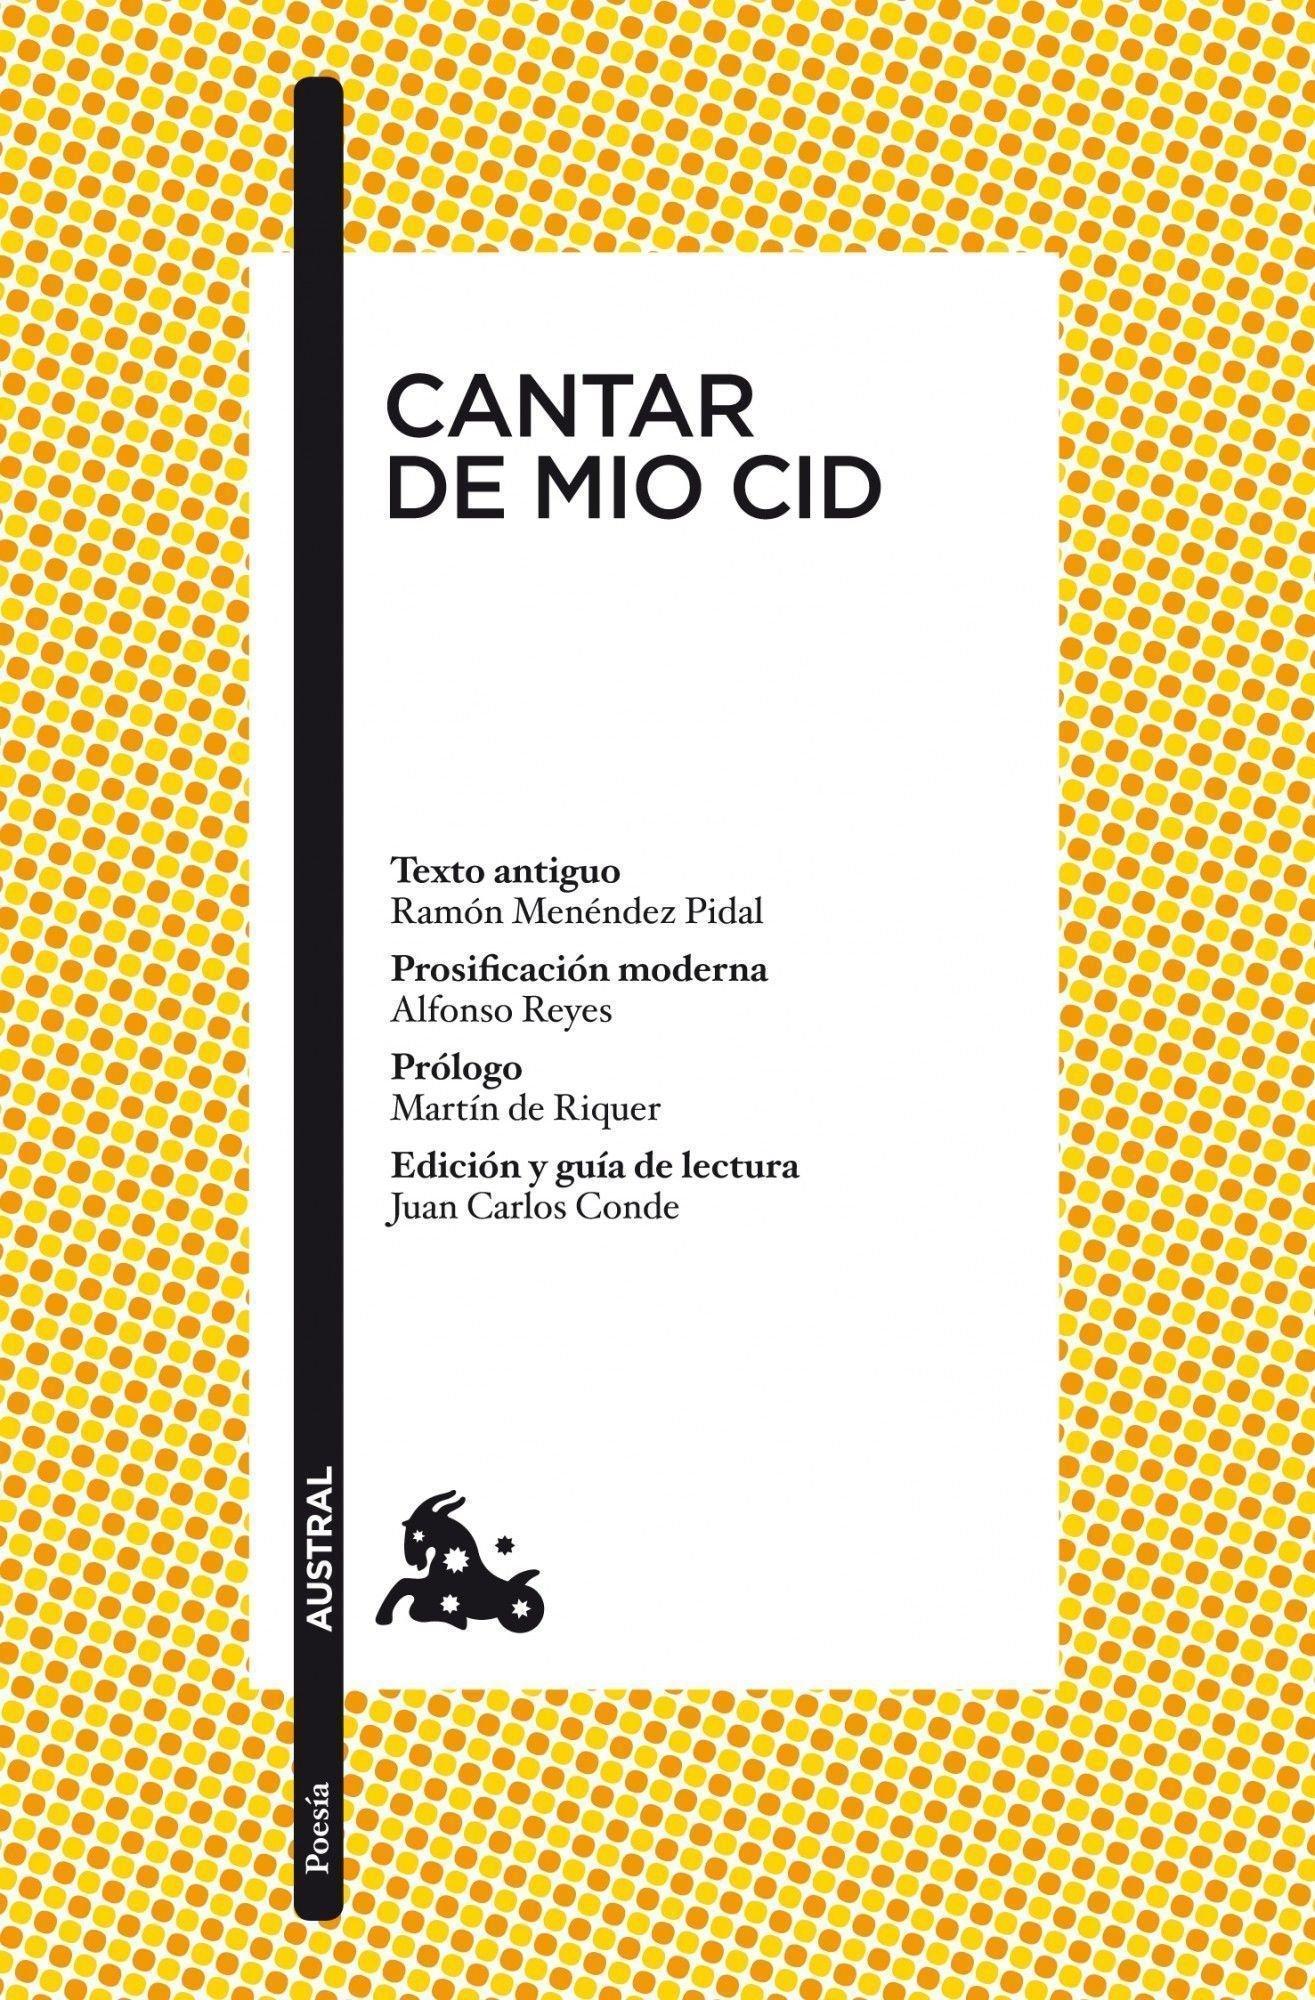 Cantar de Mio Cid (Clásica): Amazon.es: Anónimo: Libros